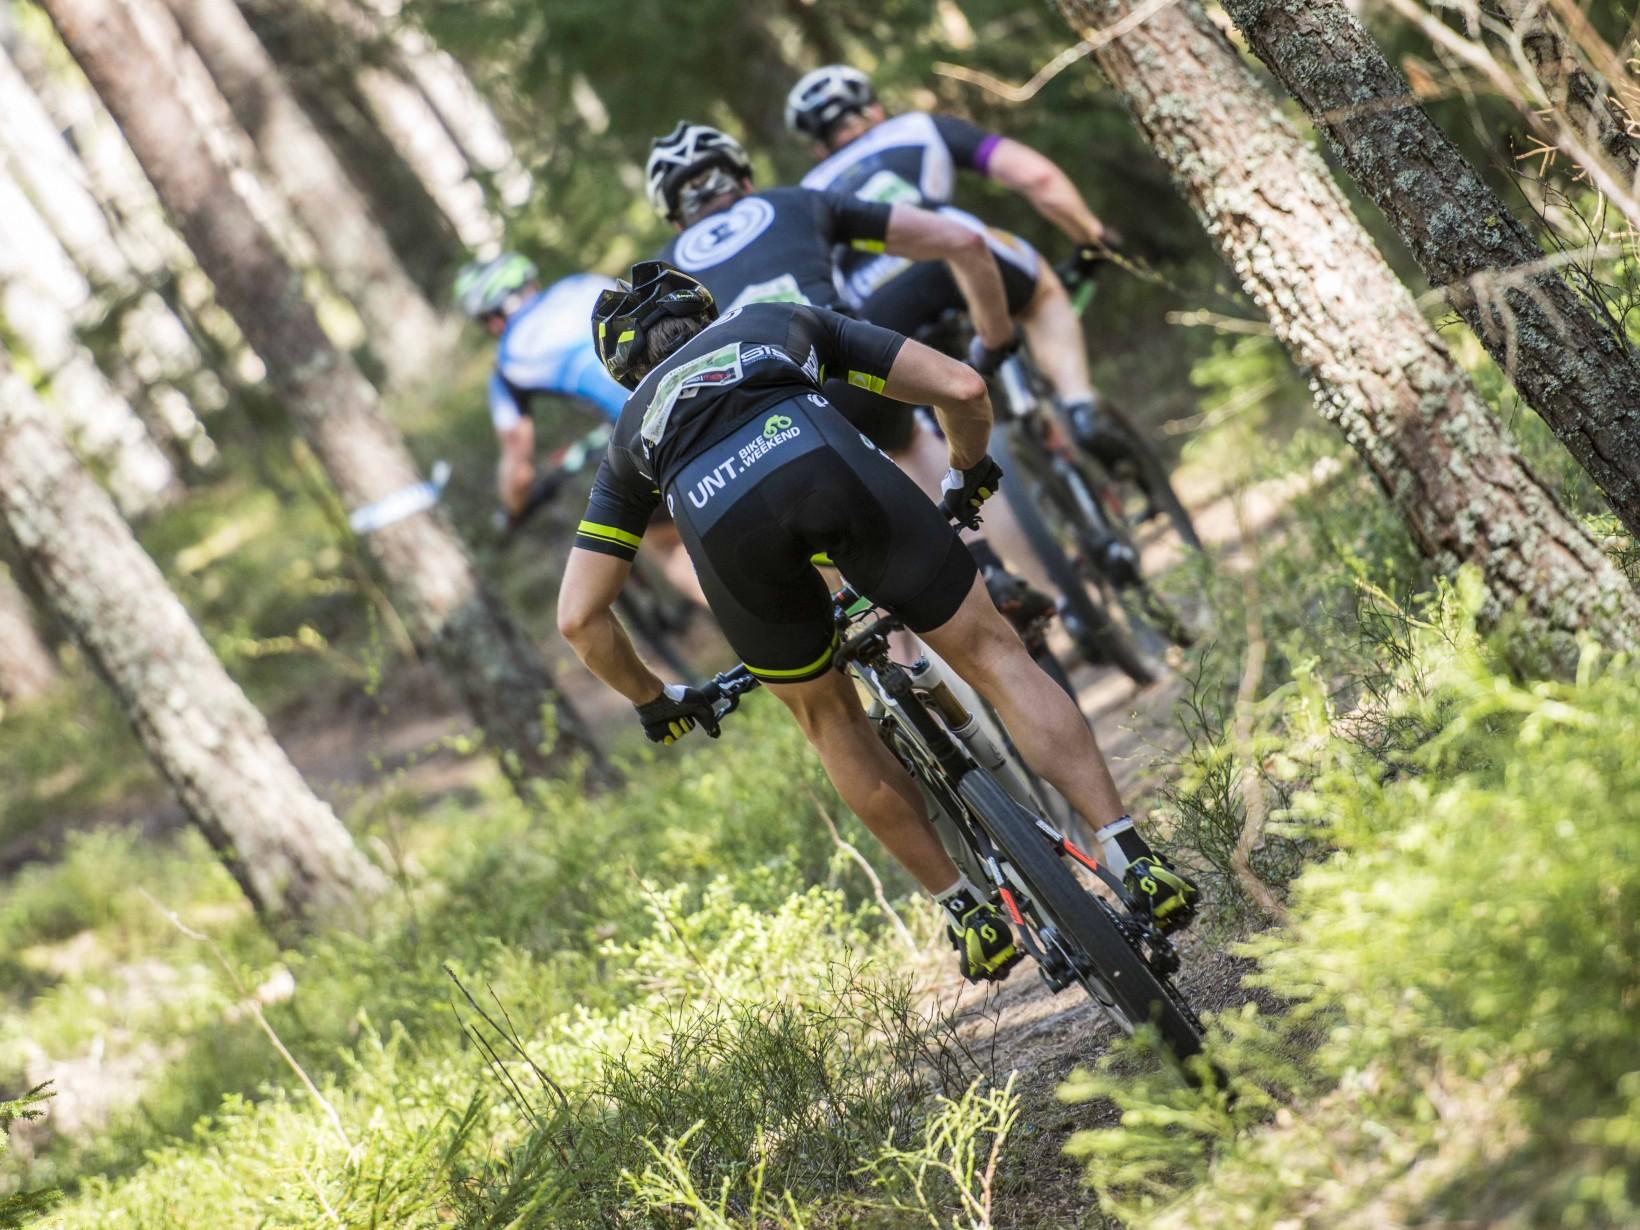 Jesper_Andersson_JAN_8453_www.jeppman.com